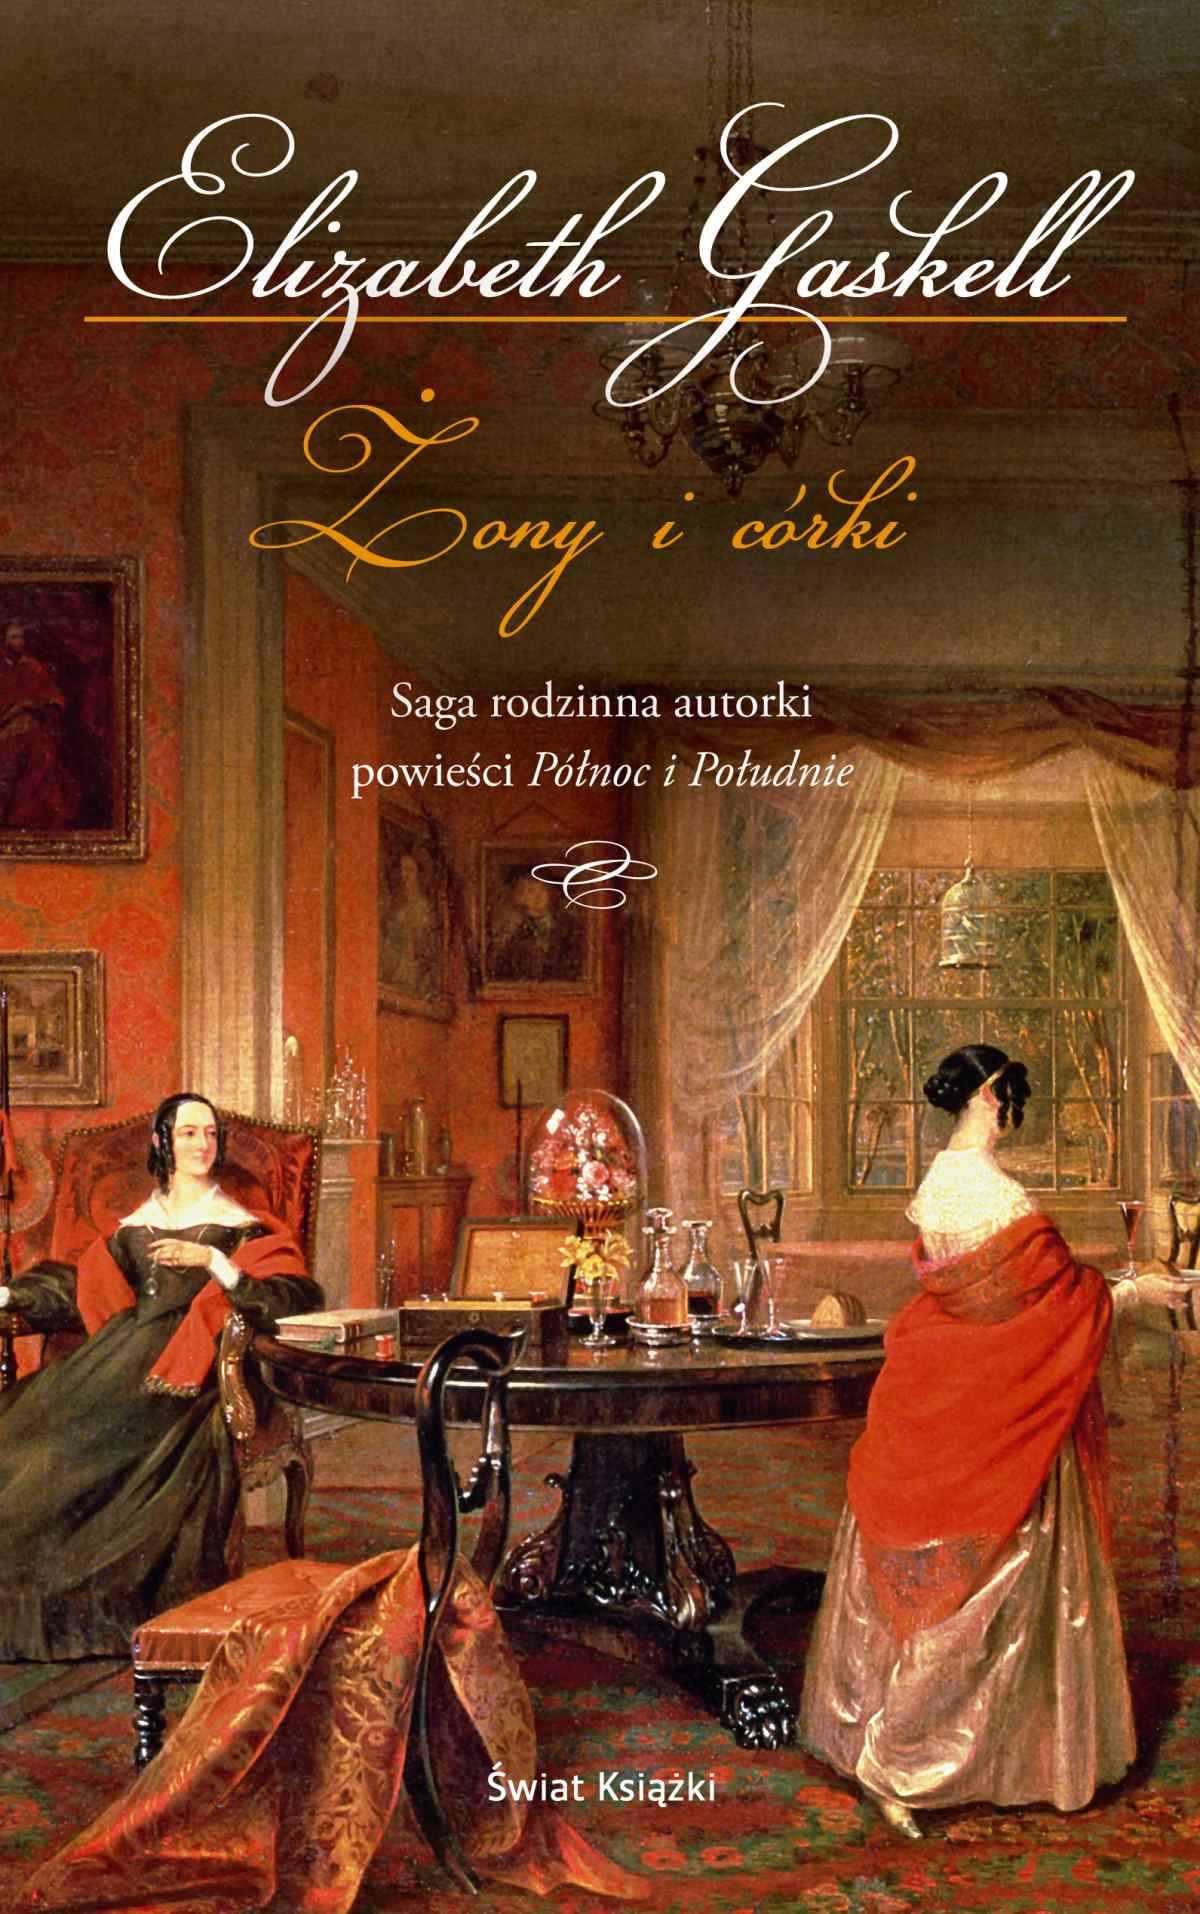 Żony i córki - Ebook (Książka EPUB) do pobrania w formacie EPUB